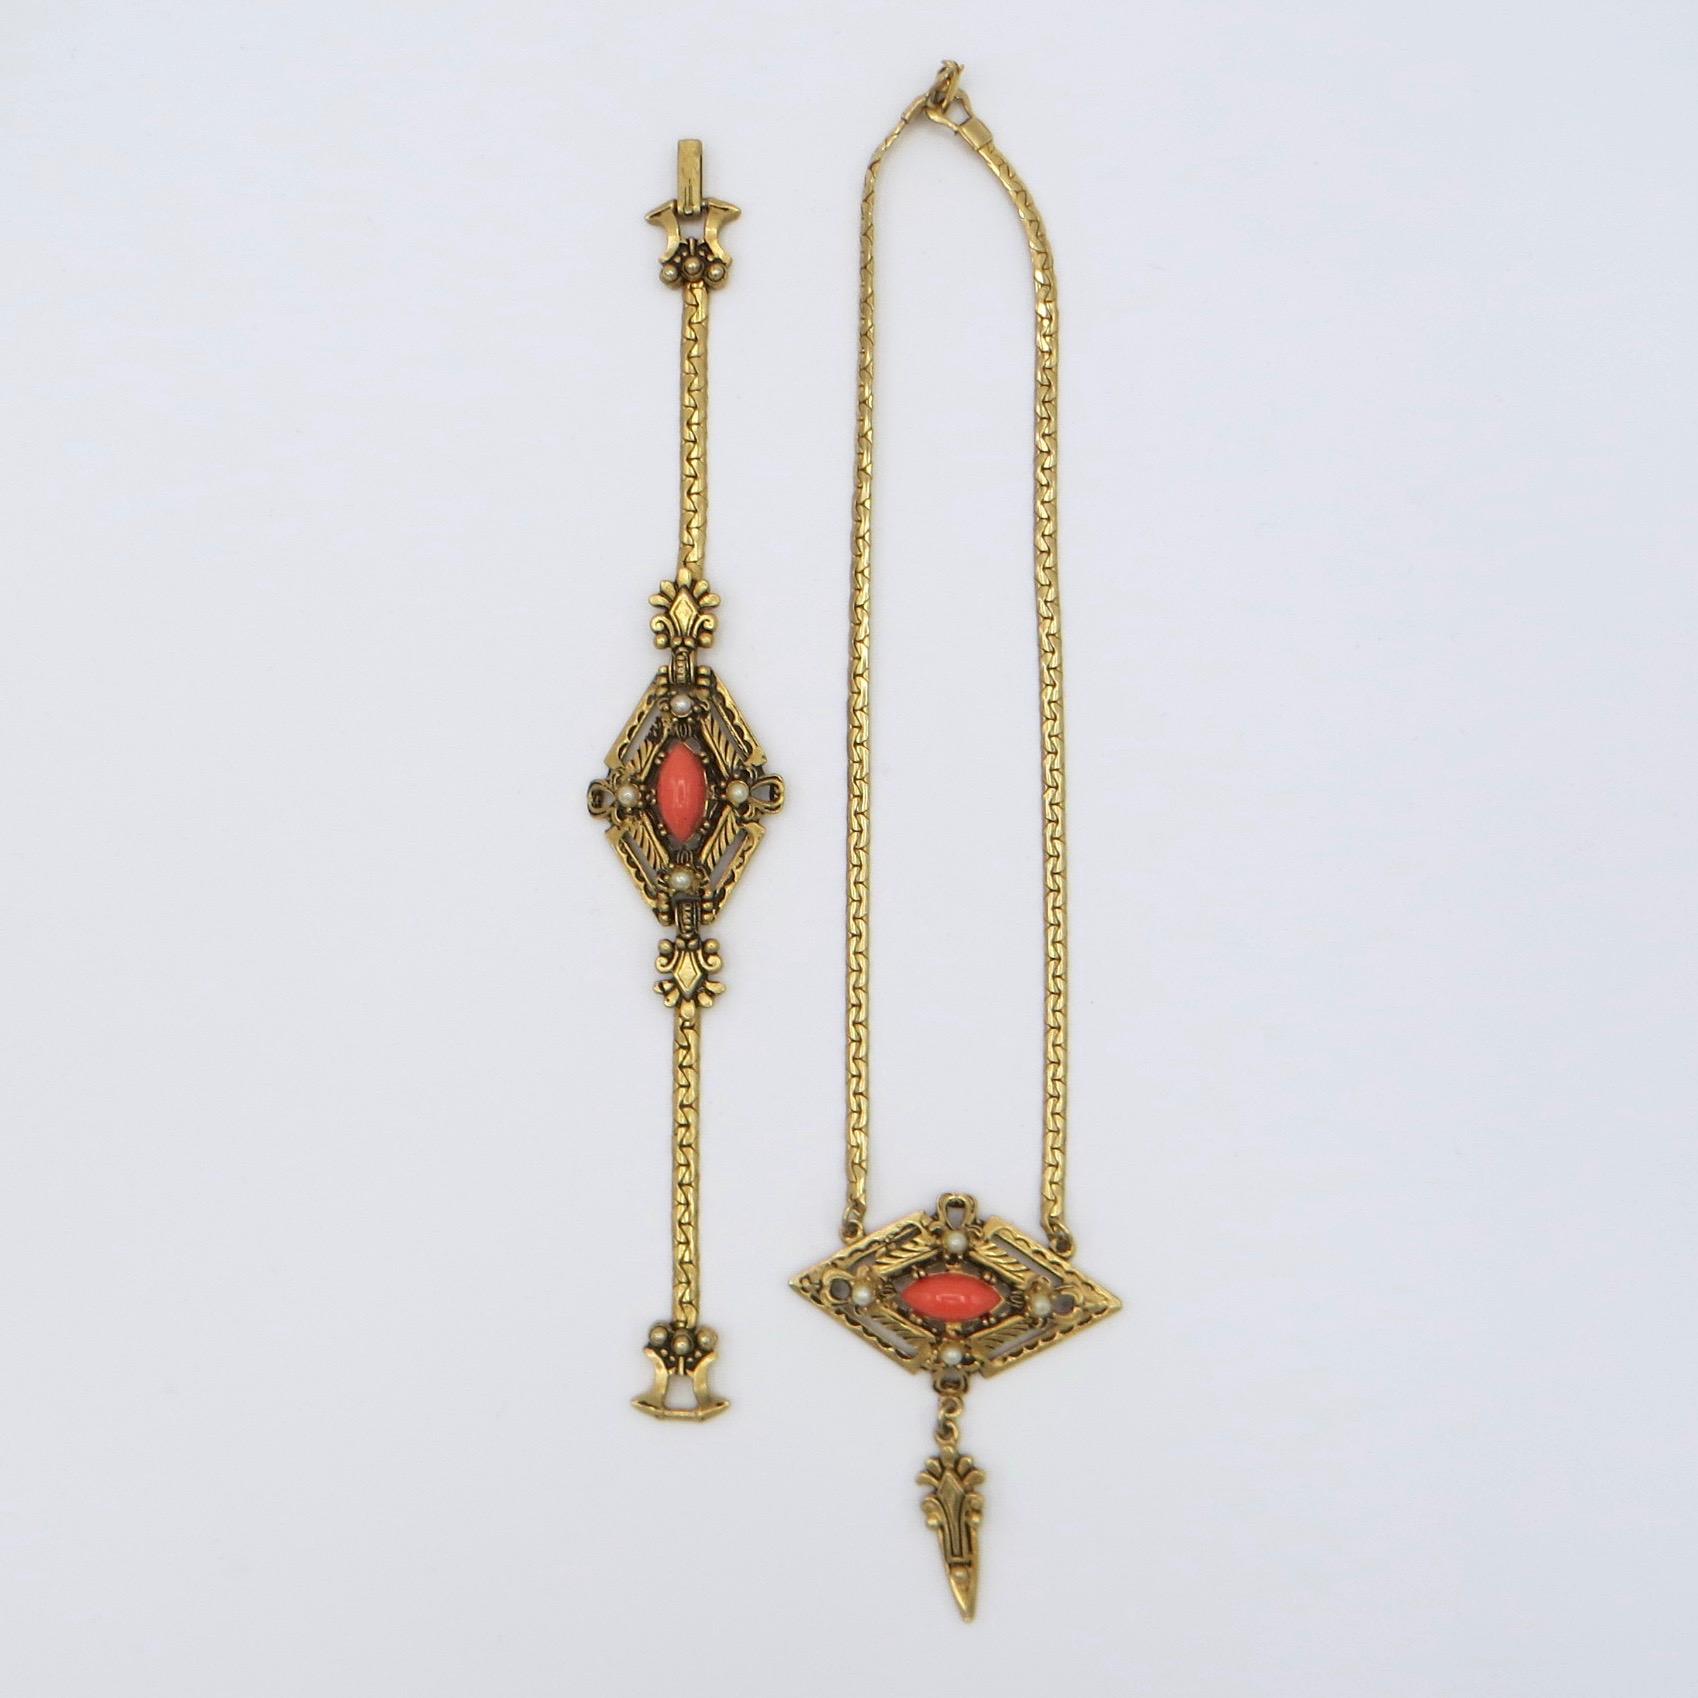 1950s Victorian Revival Necklace & Bracelet Set